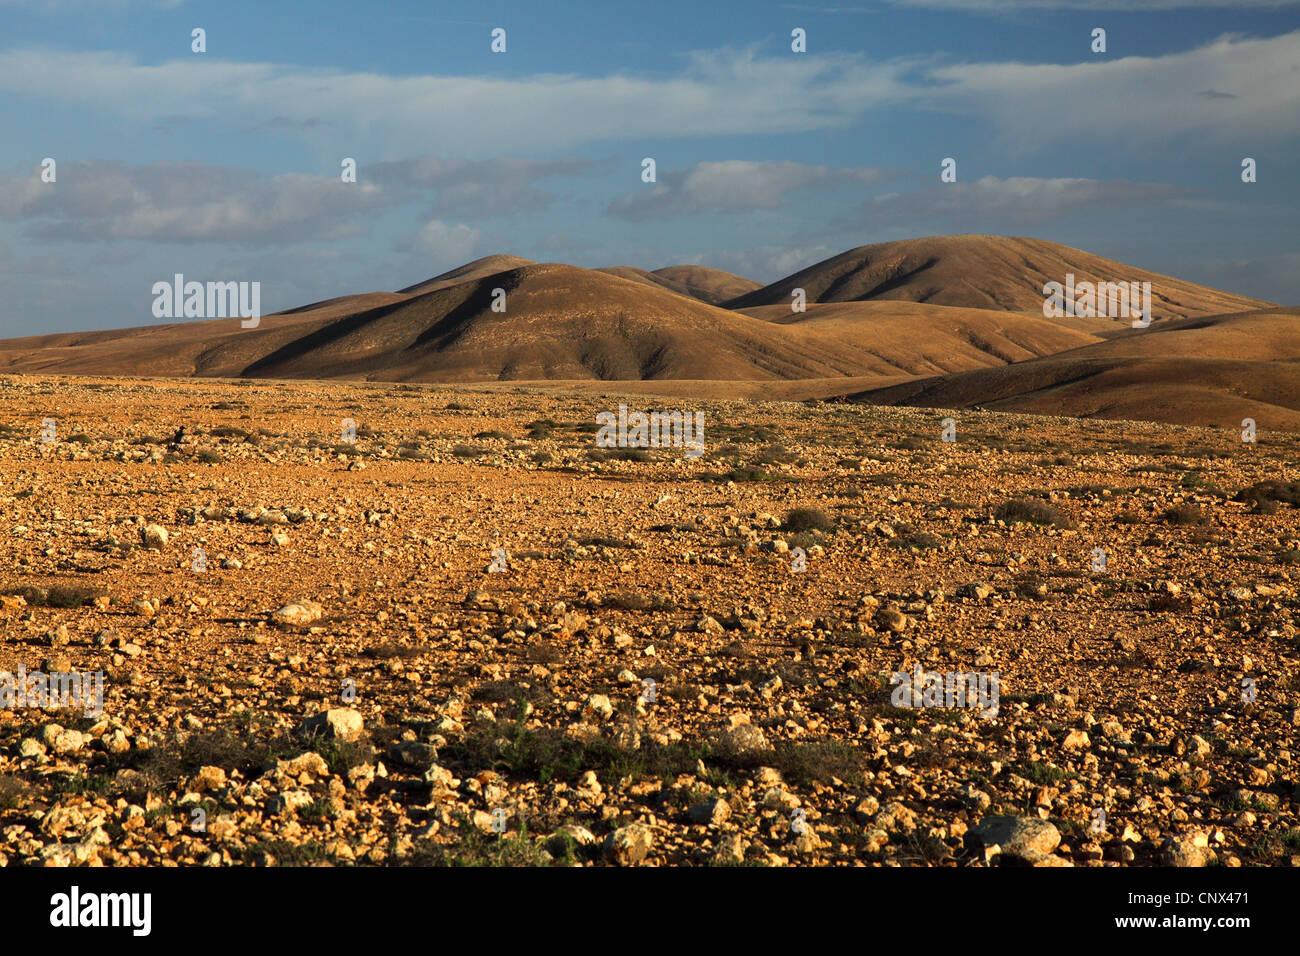 Un desierto rocoso con plantas suculentas, Islas Canarias, Fuerteventura, Tindaya Imagen De Stock